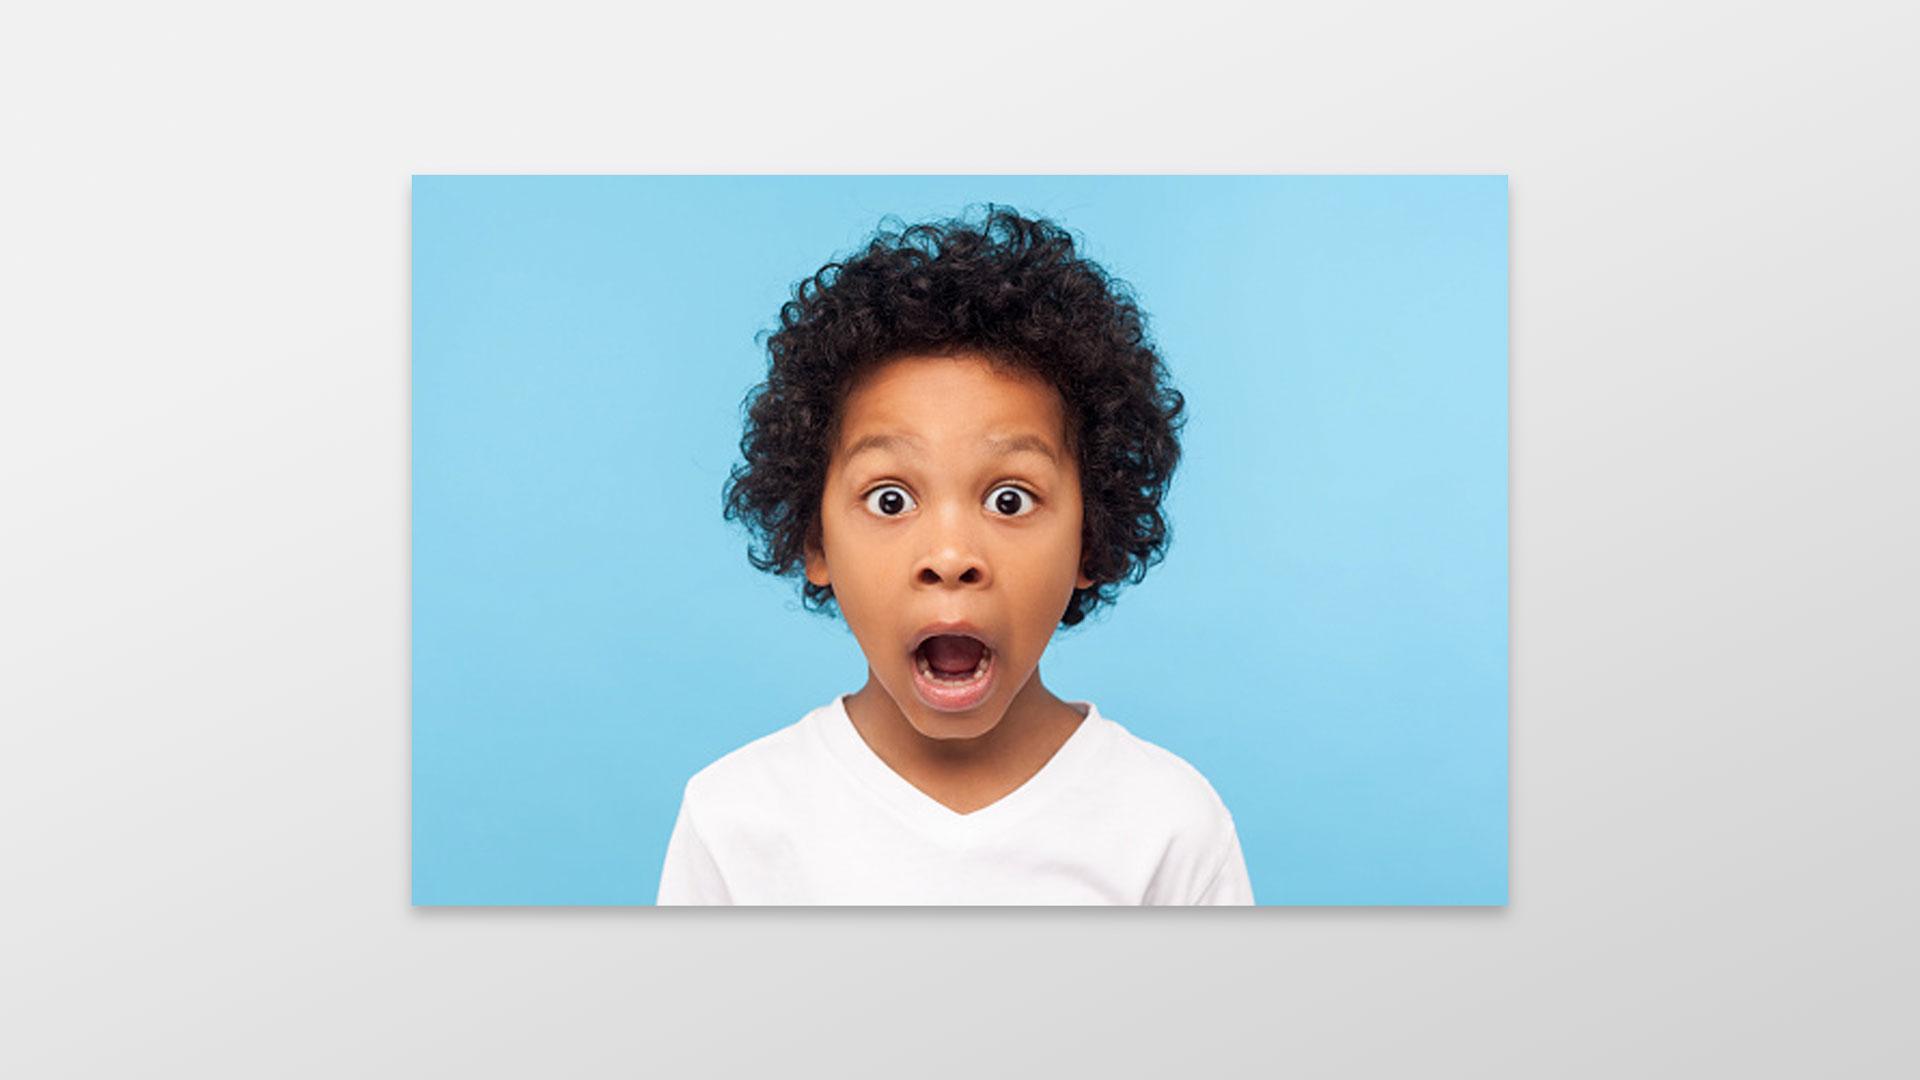 Stockbilde av en forskrekket gutt, med blå bakgrunn. Foto.